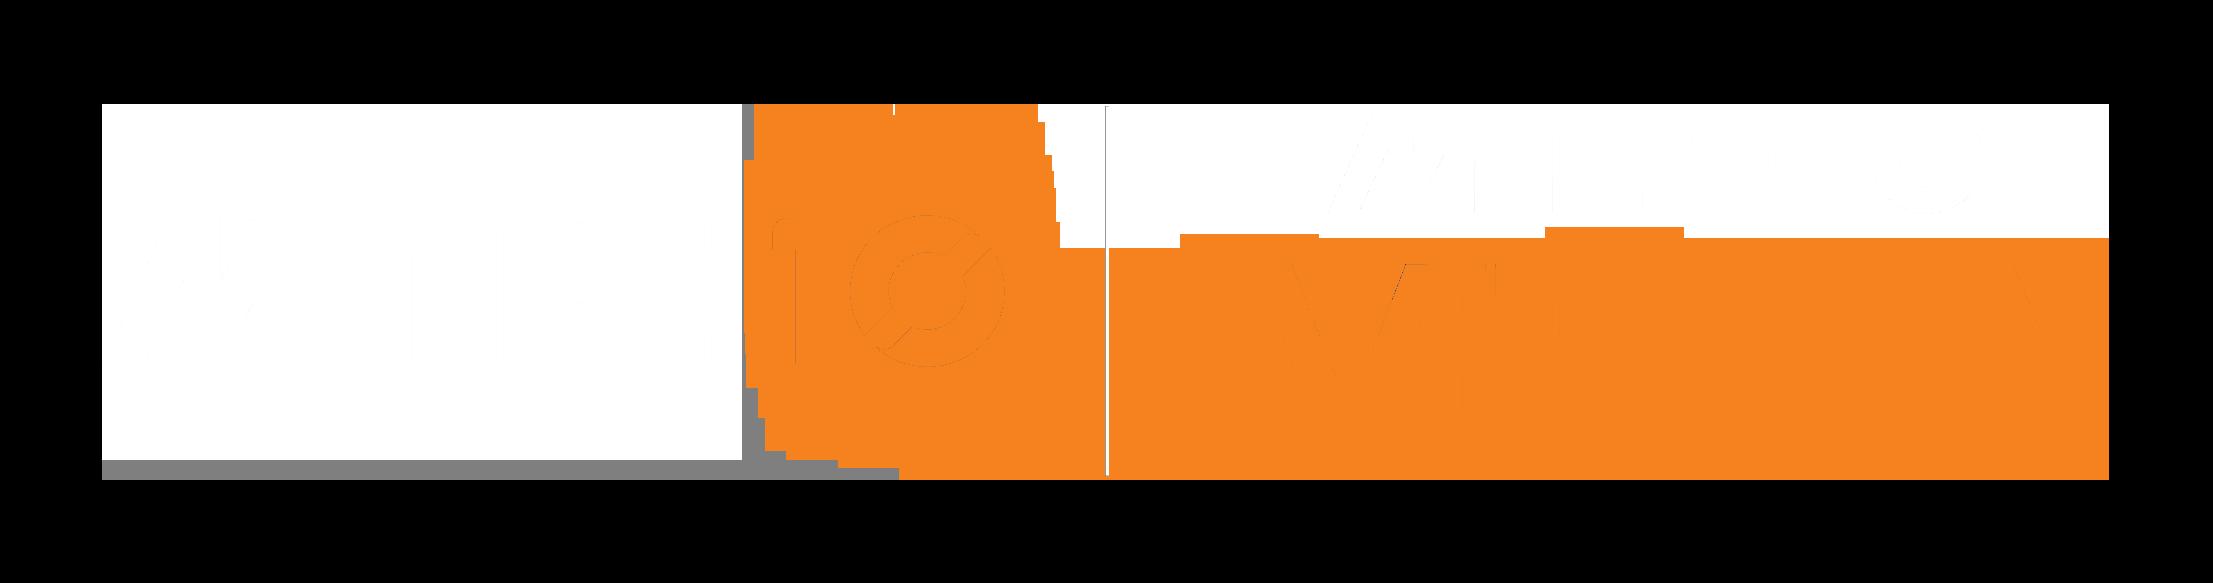 m10-_-mega-combo_bb_rgb